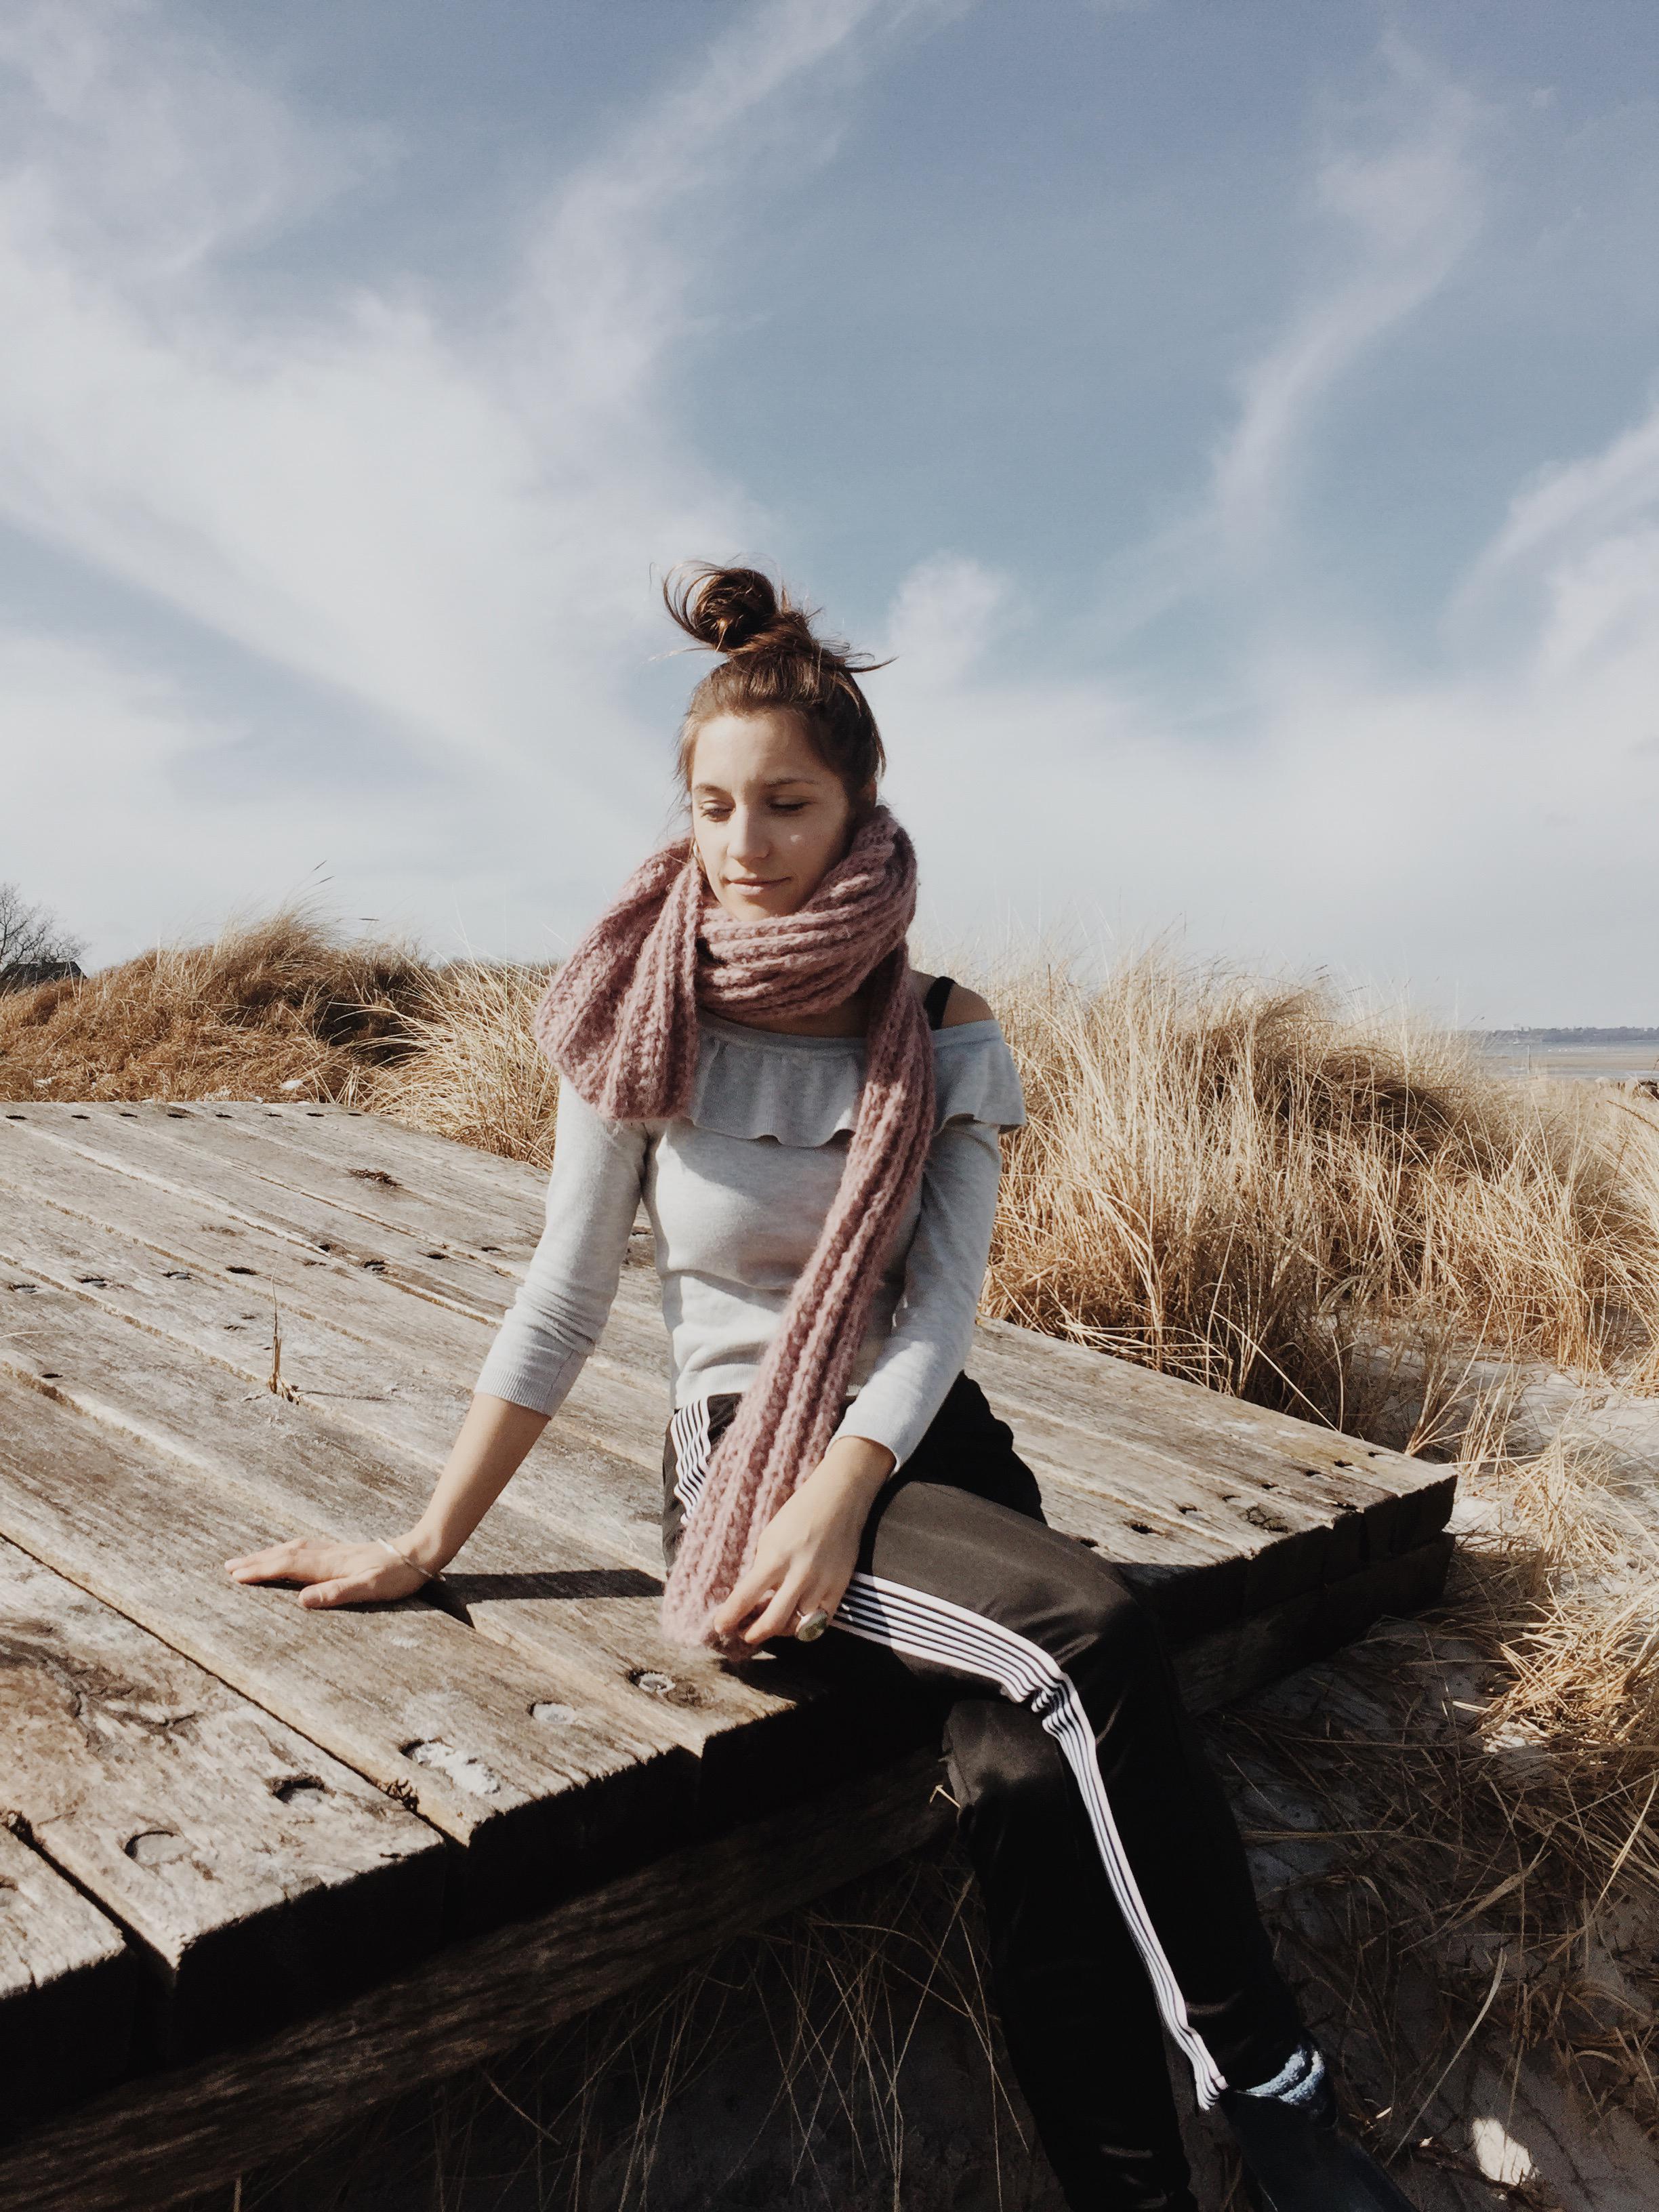 Frau am Strand mit Jogginghose, grauem Shirt, Dutt und Stiefeln in Stein mit der Ostsee im Hintergrund